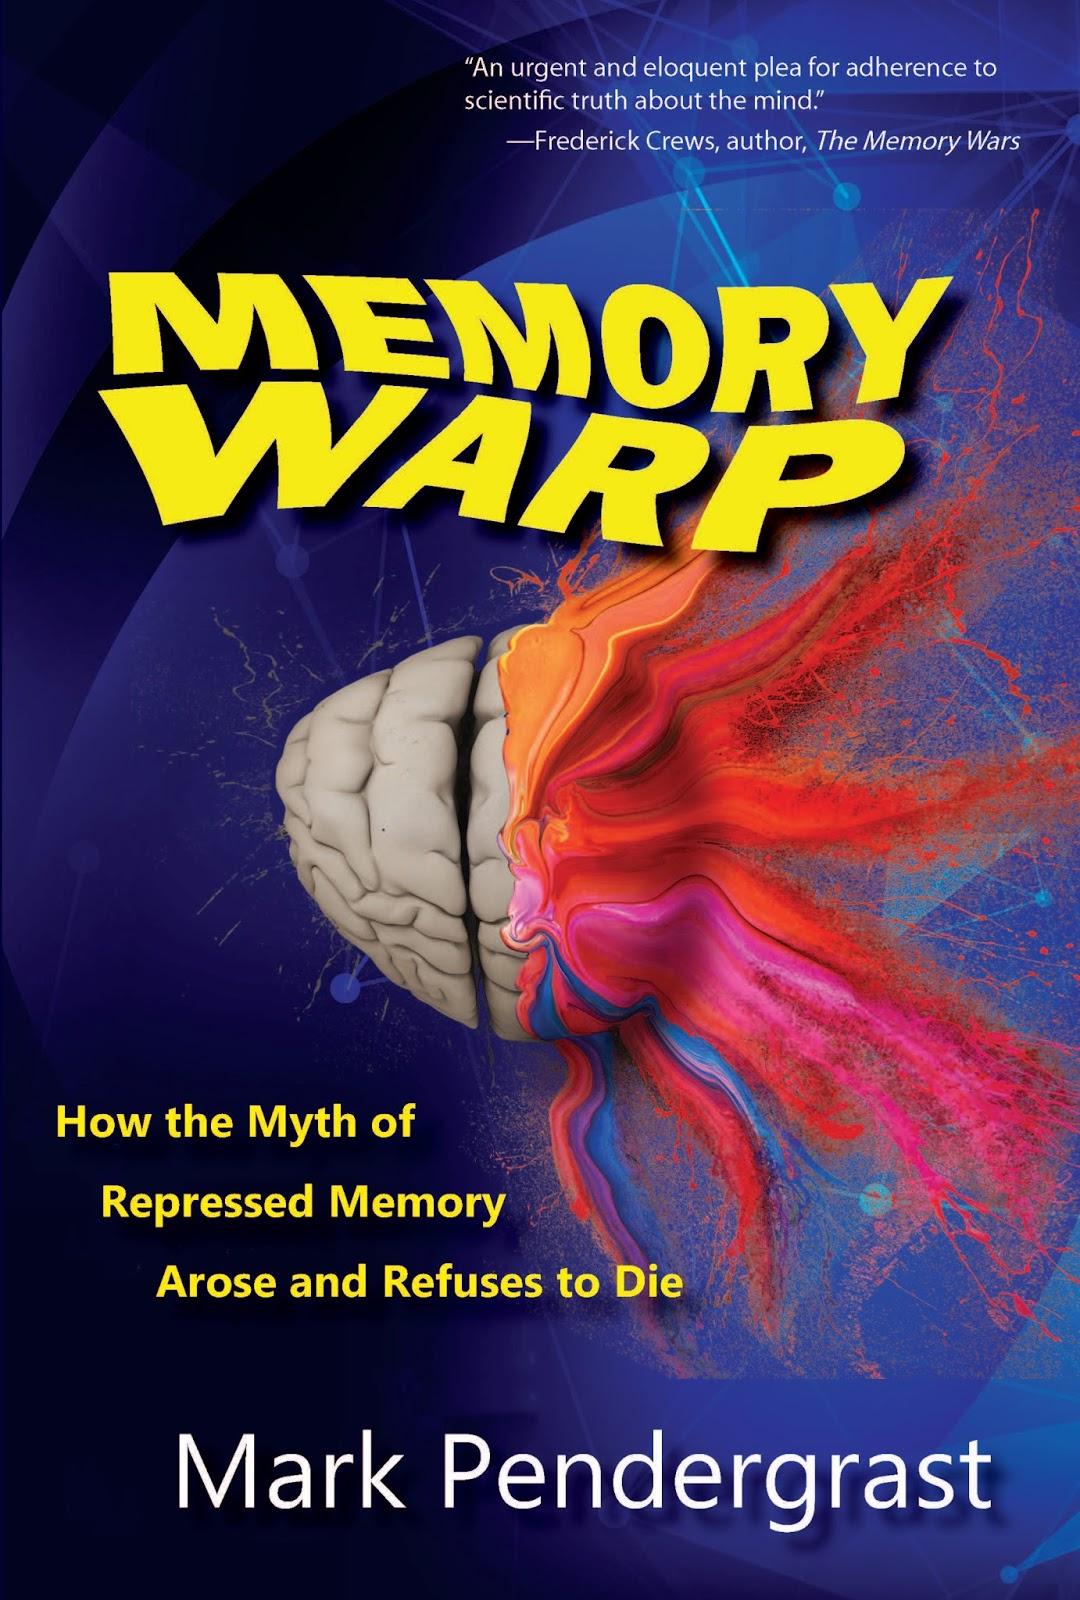 Repressed memory